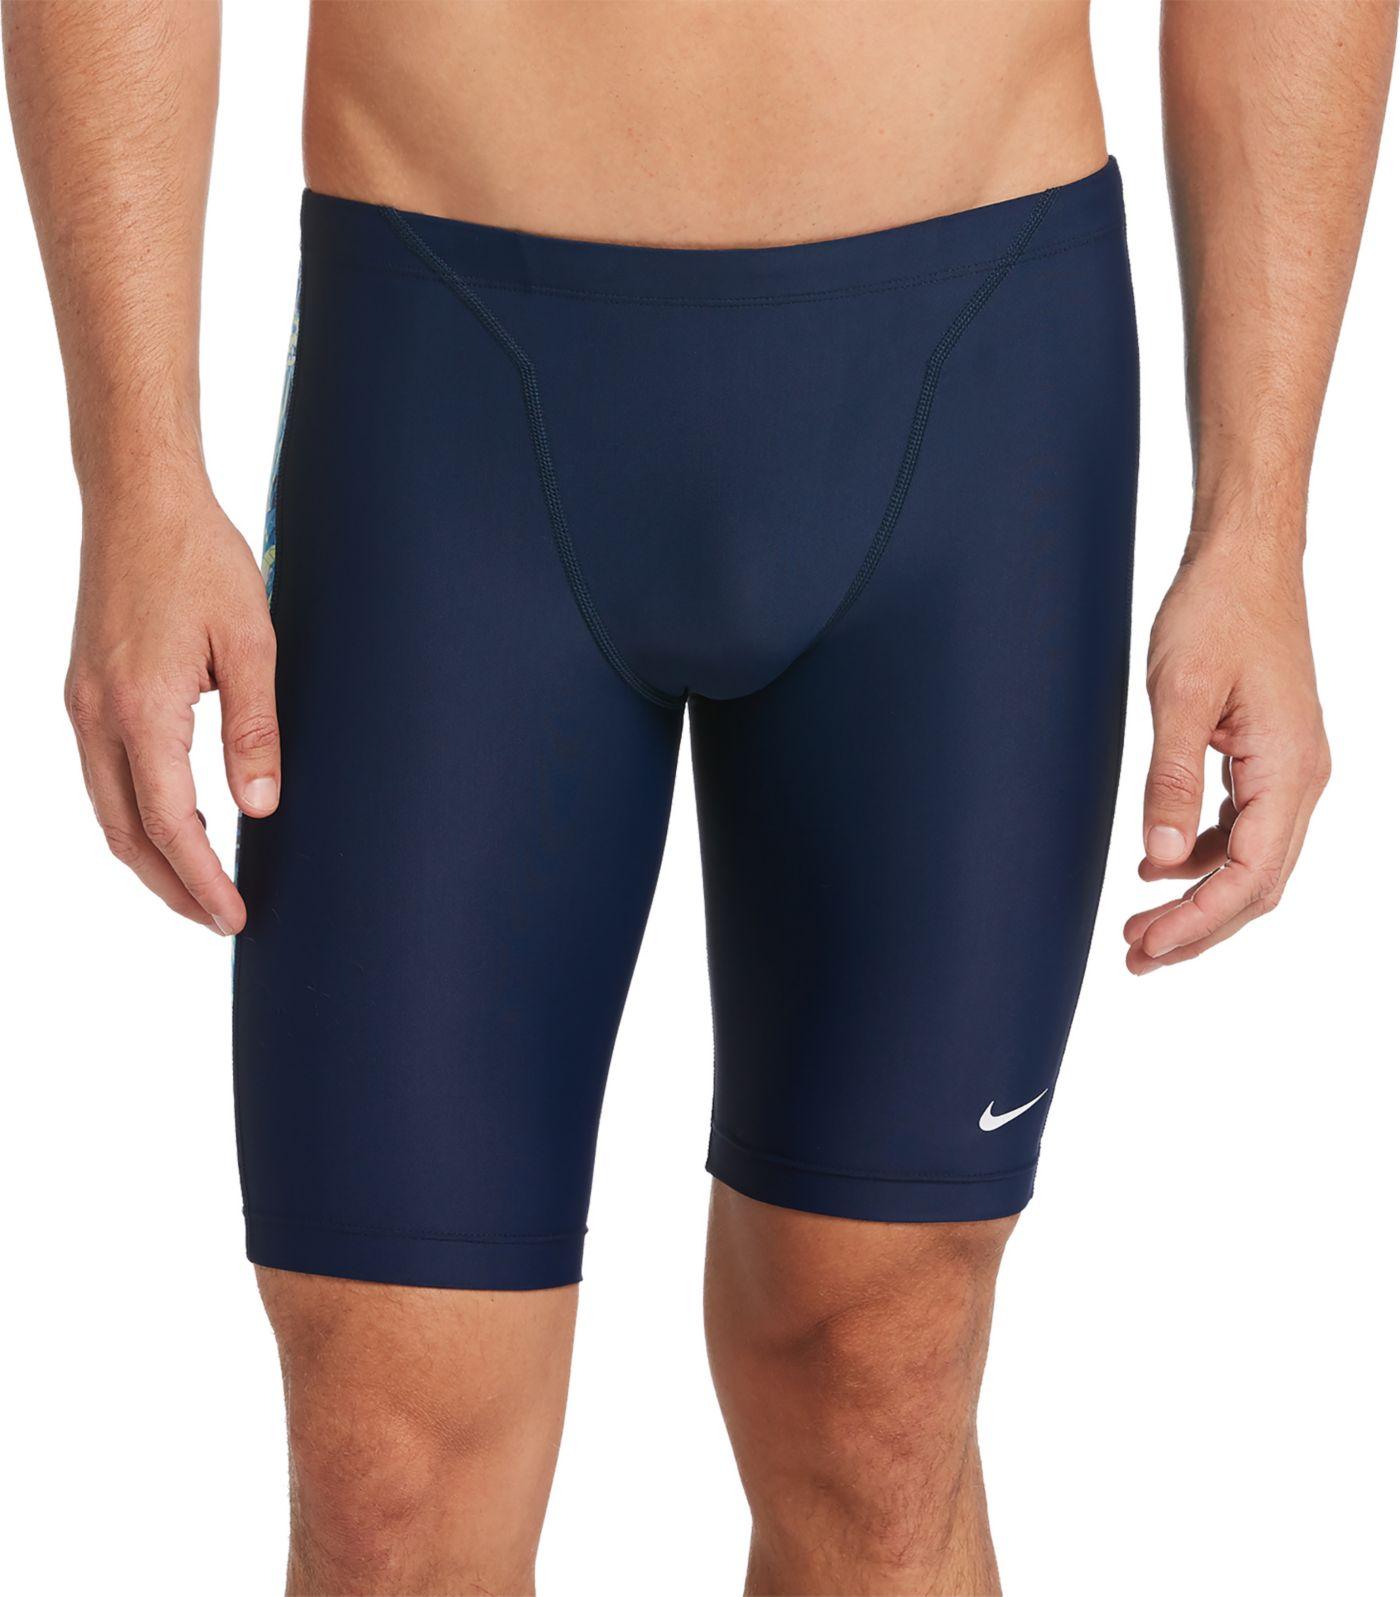 Nike Men's Whirl Jammer